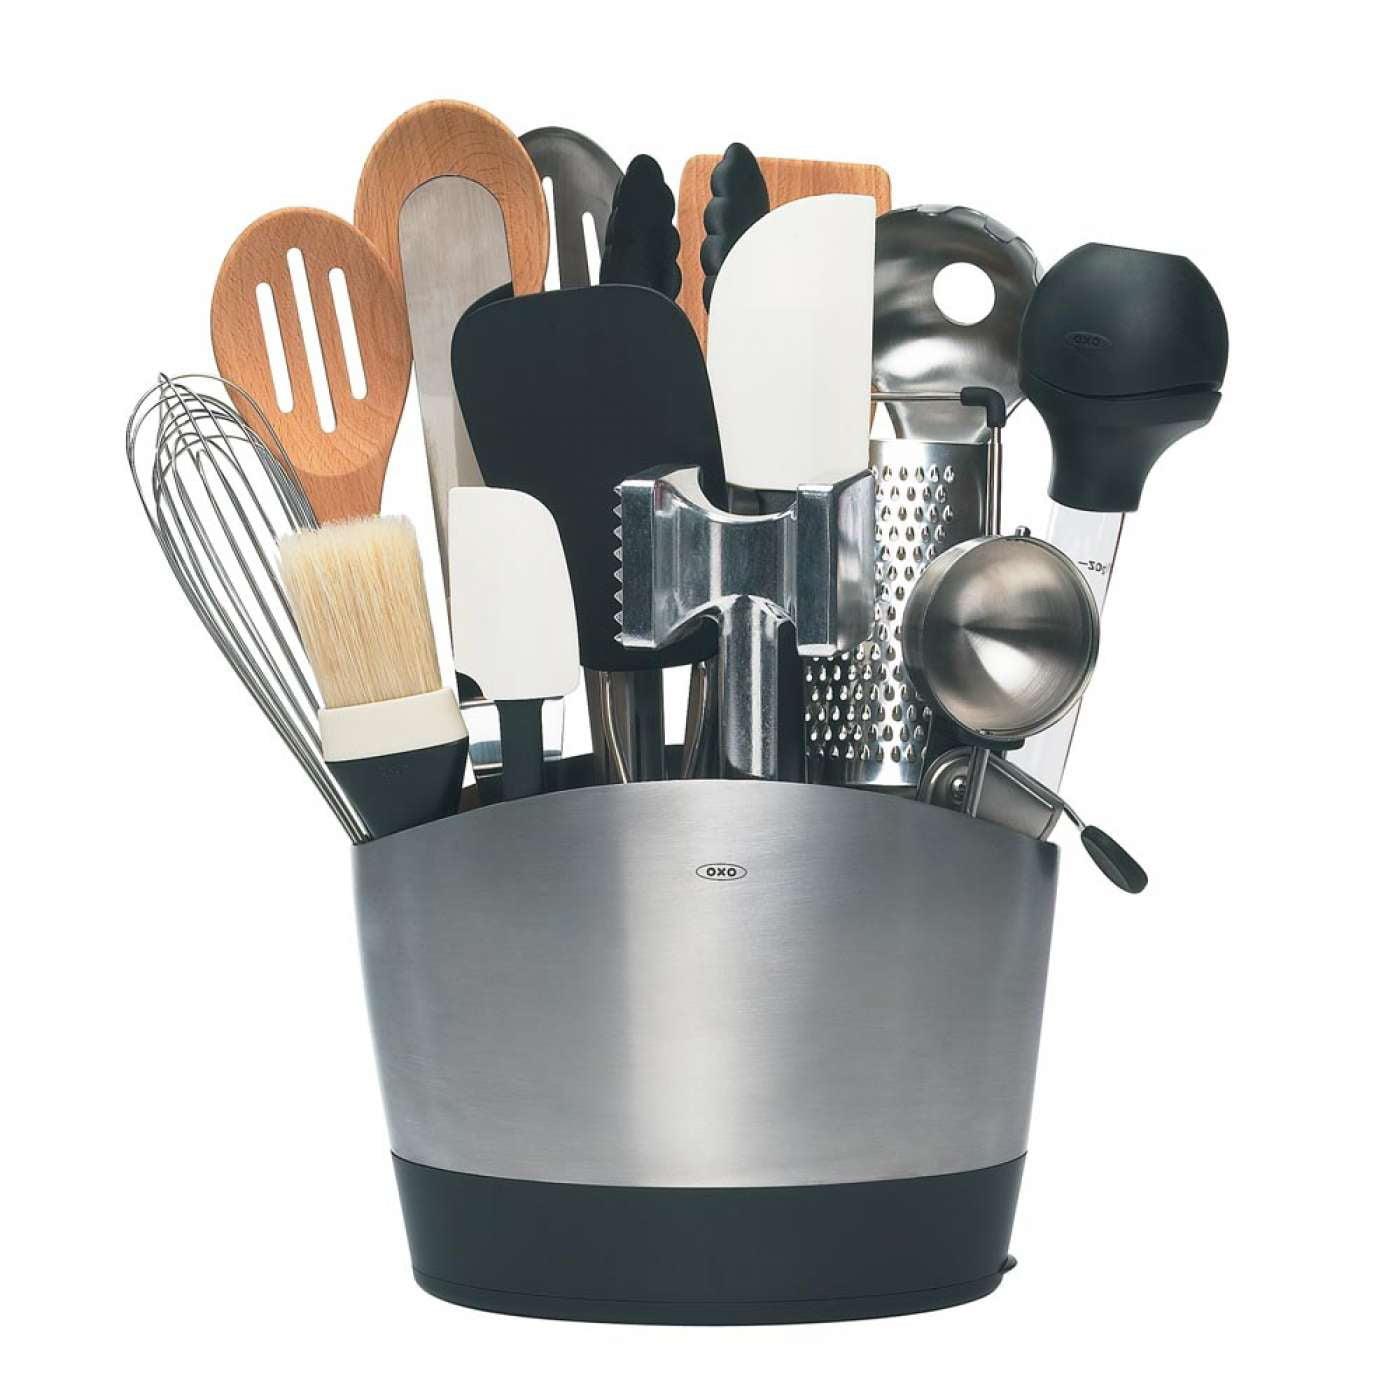 oxo good grips stainless steel utensil holder - Oxo Kitchen